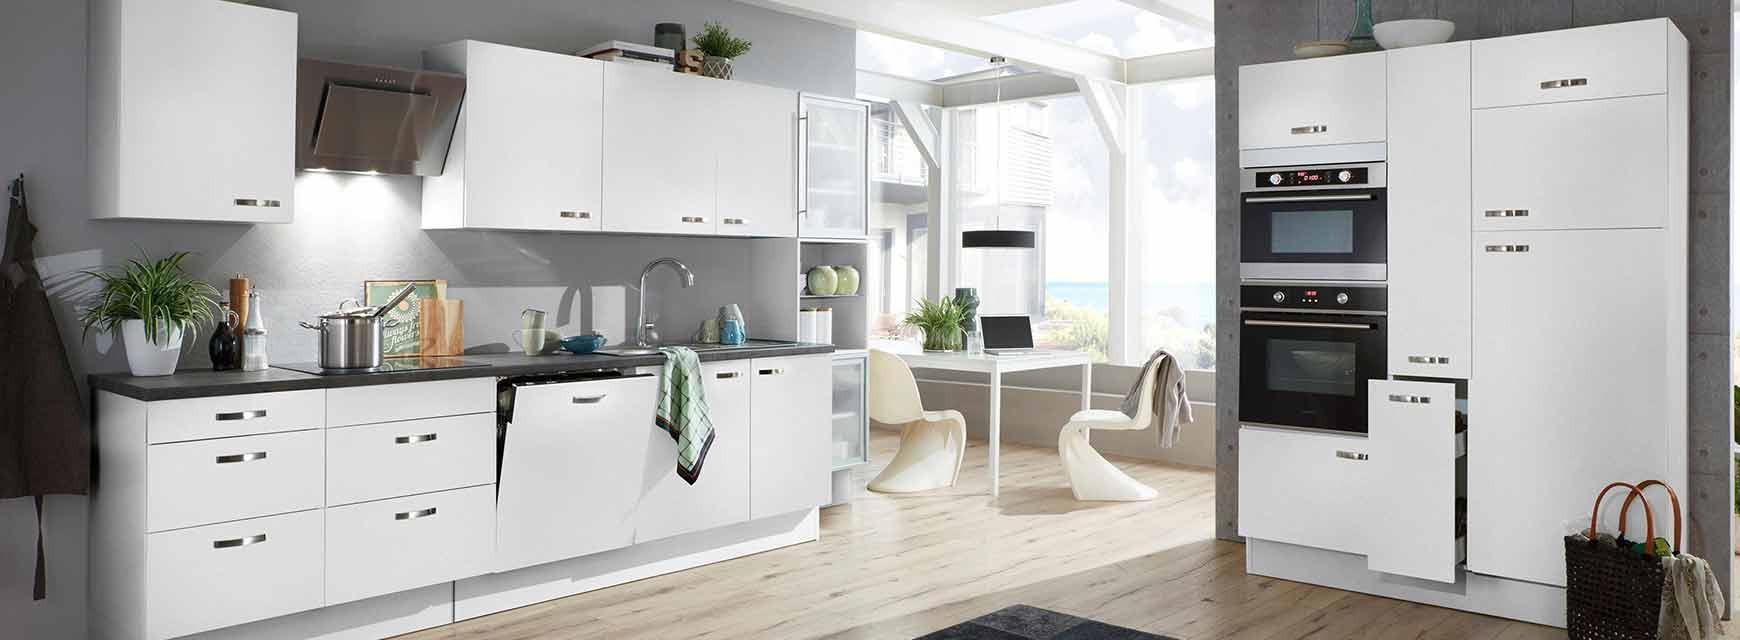 Full Size of Respekta Küche Küchenzeile Küchenblock Einbauküche Komplettküche Weiß 320 Cm Einbauküche Ohne Kühlschrank Kaufen Miele Komplettküche Komplettküche Billig Küche Einbauküche Ohne Kühlschrank